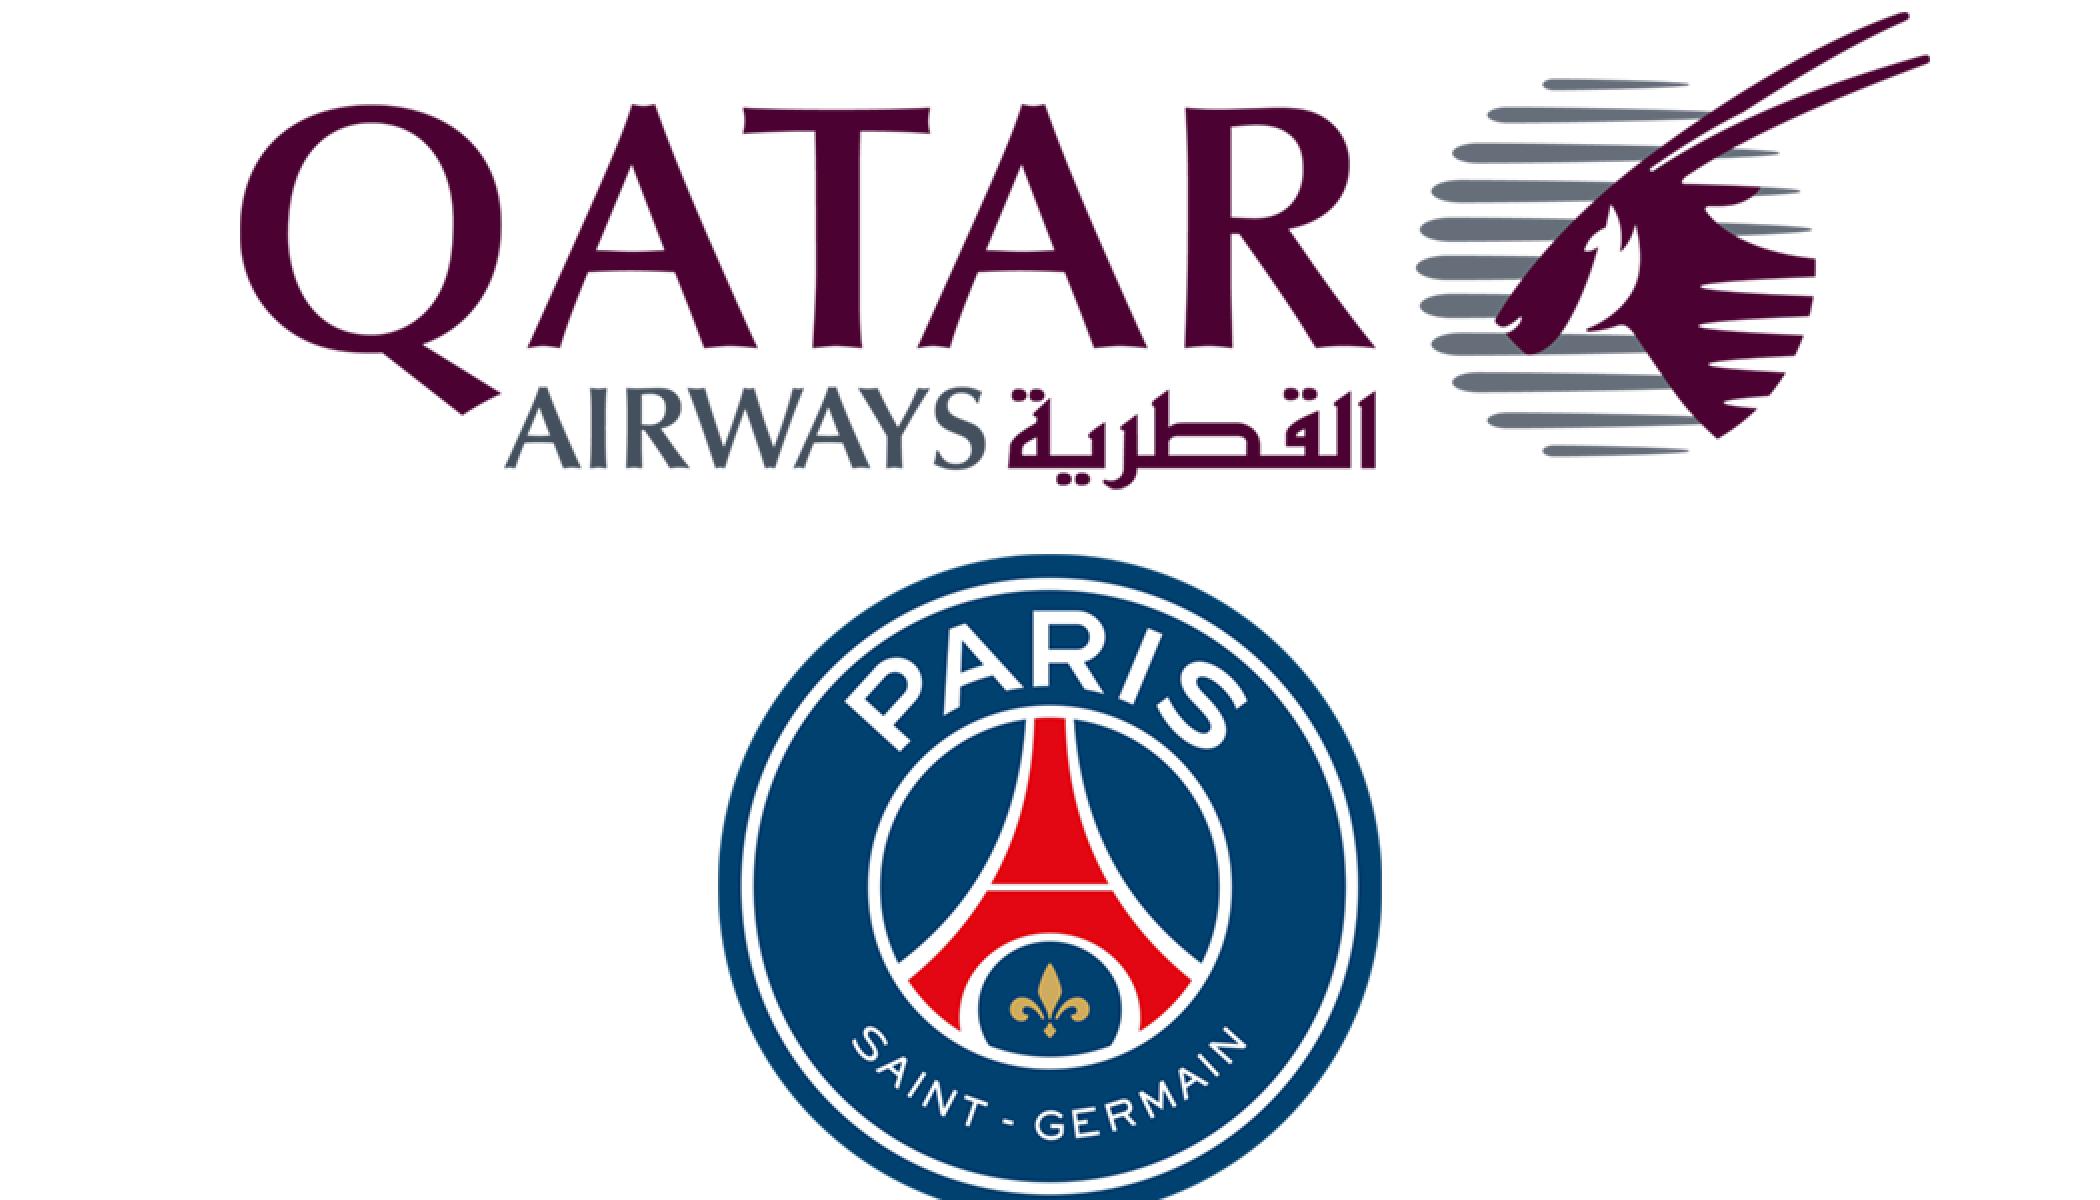 Qatar Airways Announced As Premium Partner Of Paris Saint Germain Isportconnect